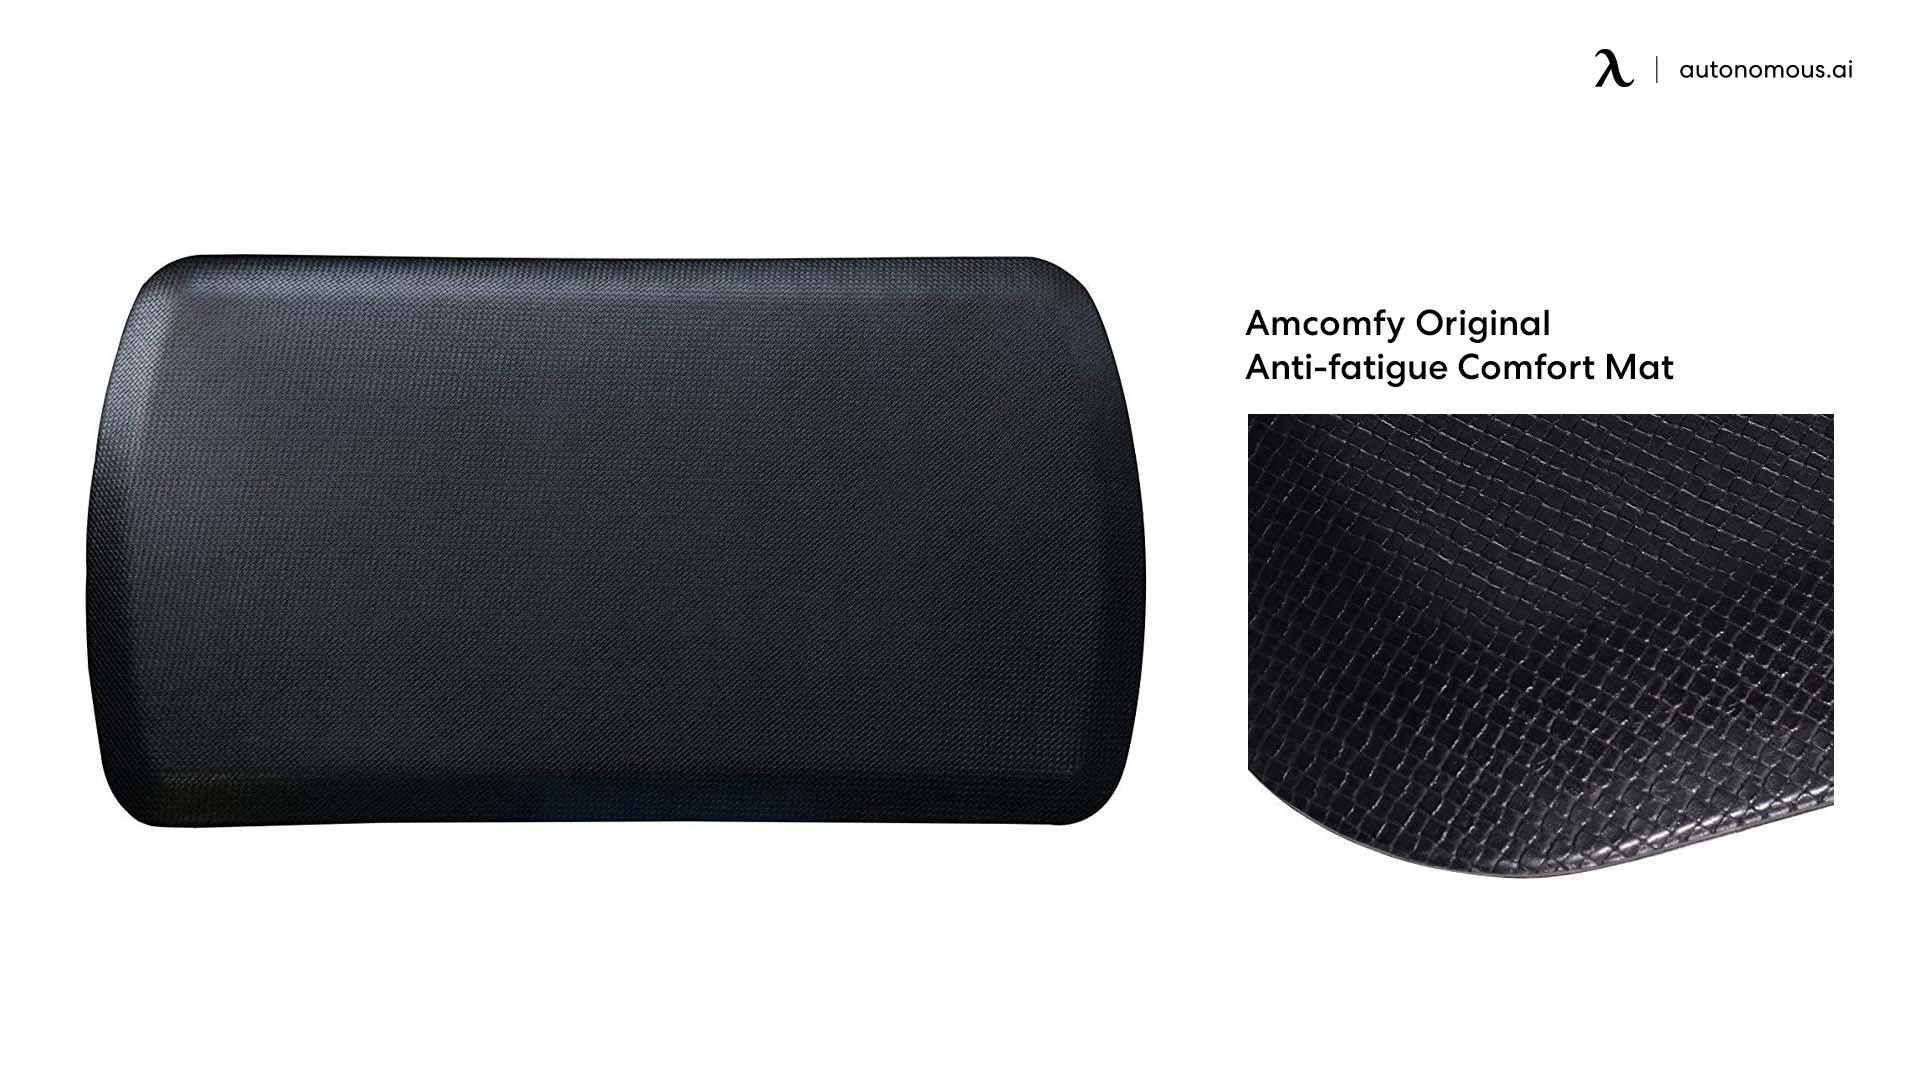 Amcomfy Original Anti-fatigue Comfort Mat